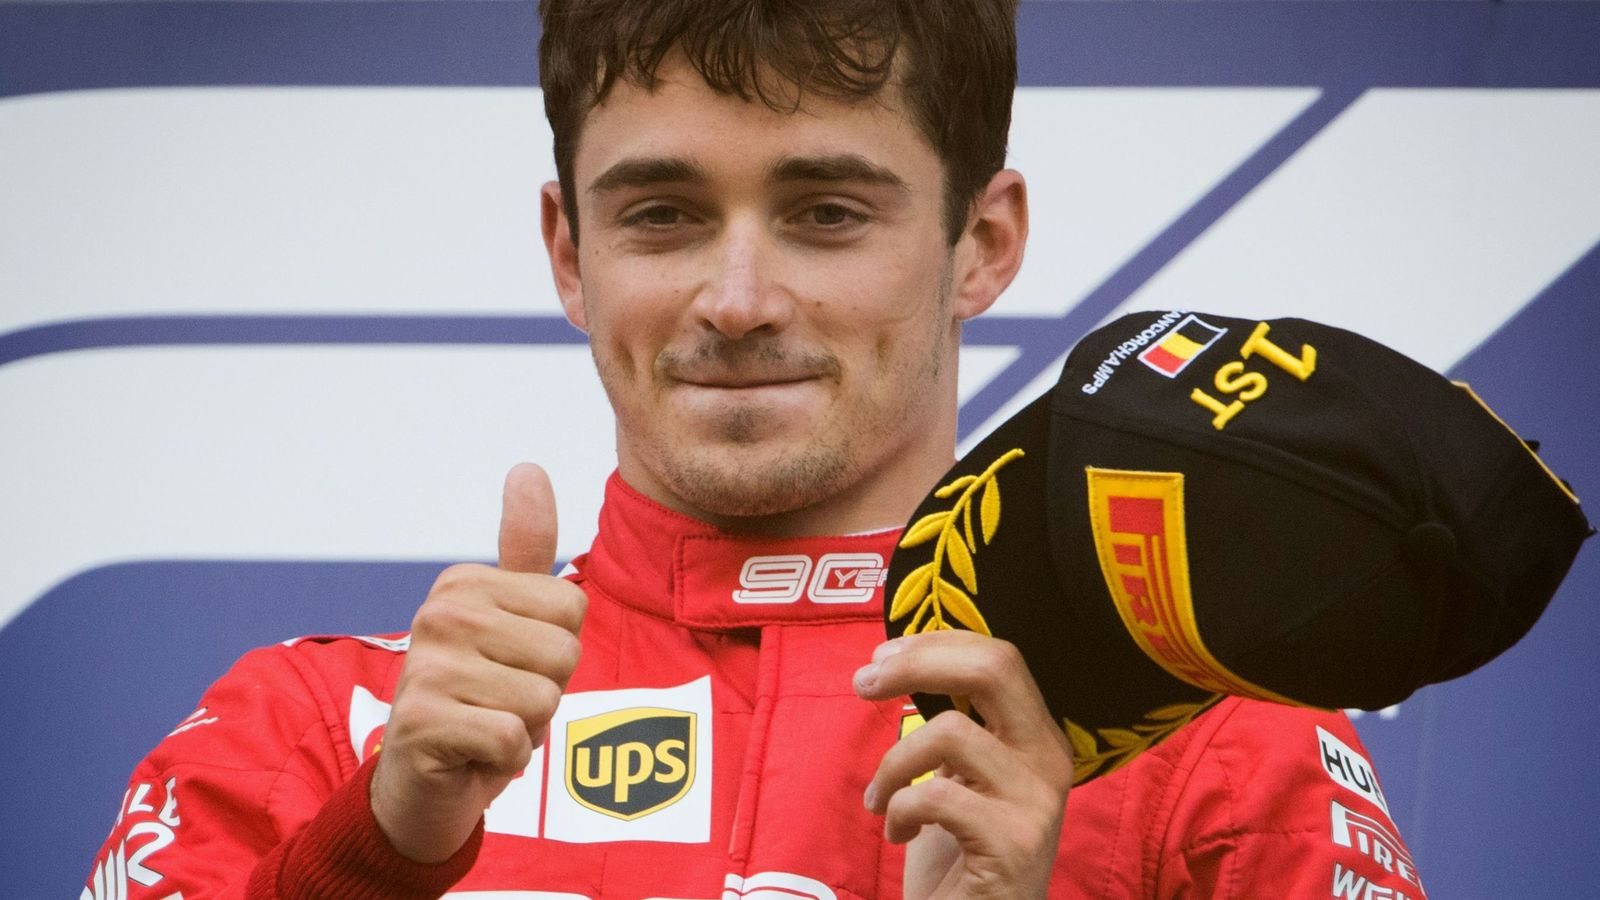 Charles Leclerc vence a sus rivales de F1 y Jenson Button para ganar el GP Virtual 6